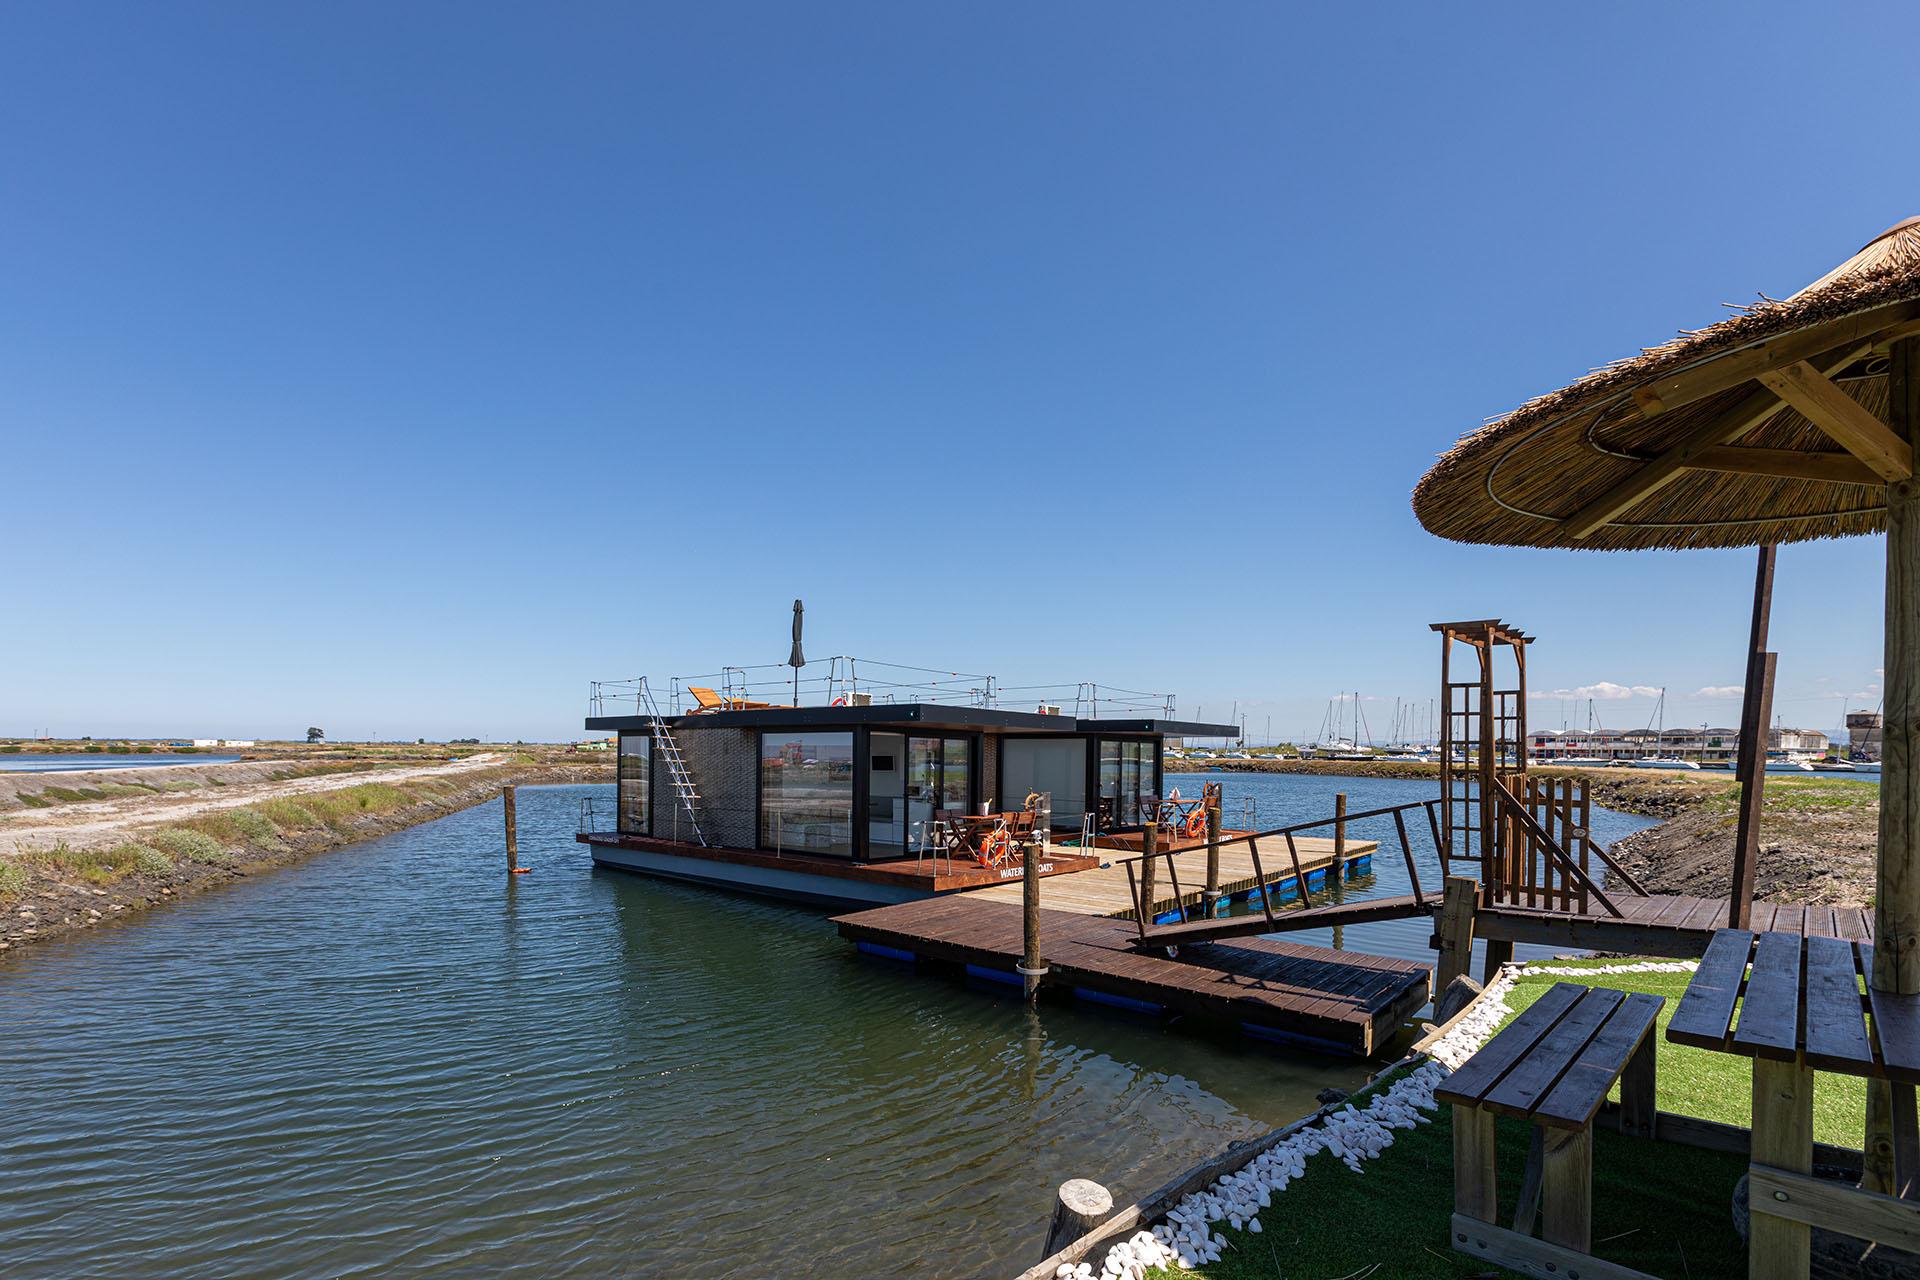 Casas-barco na propriedade da Ostraveiro